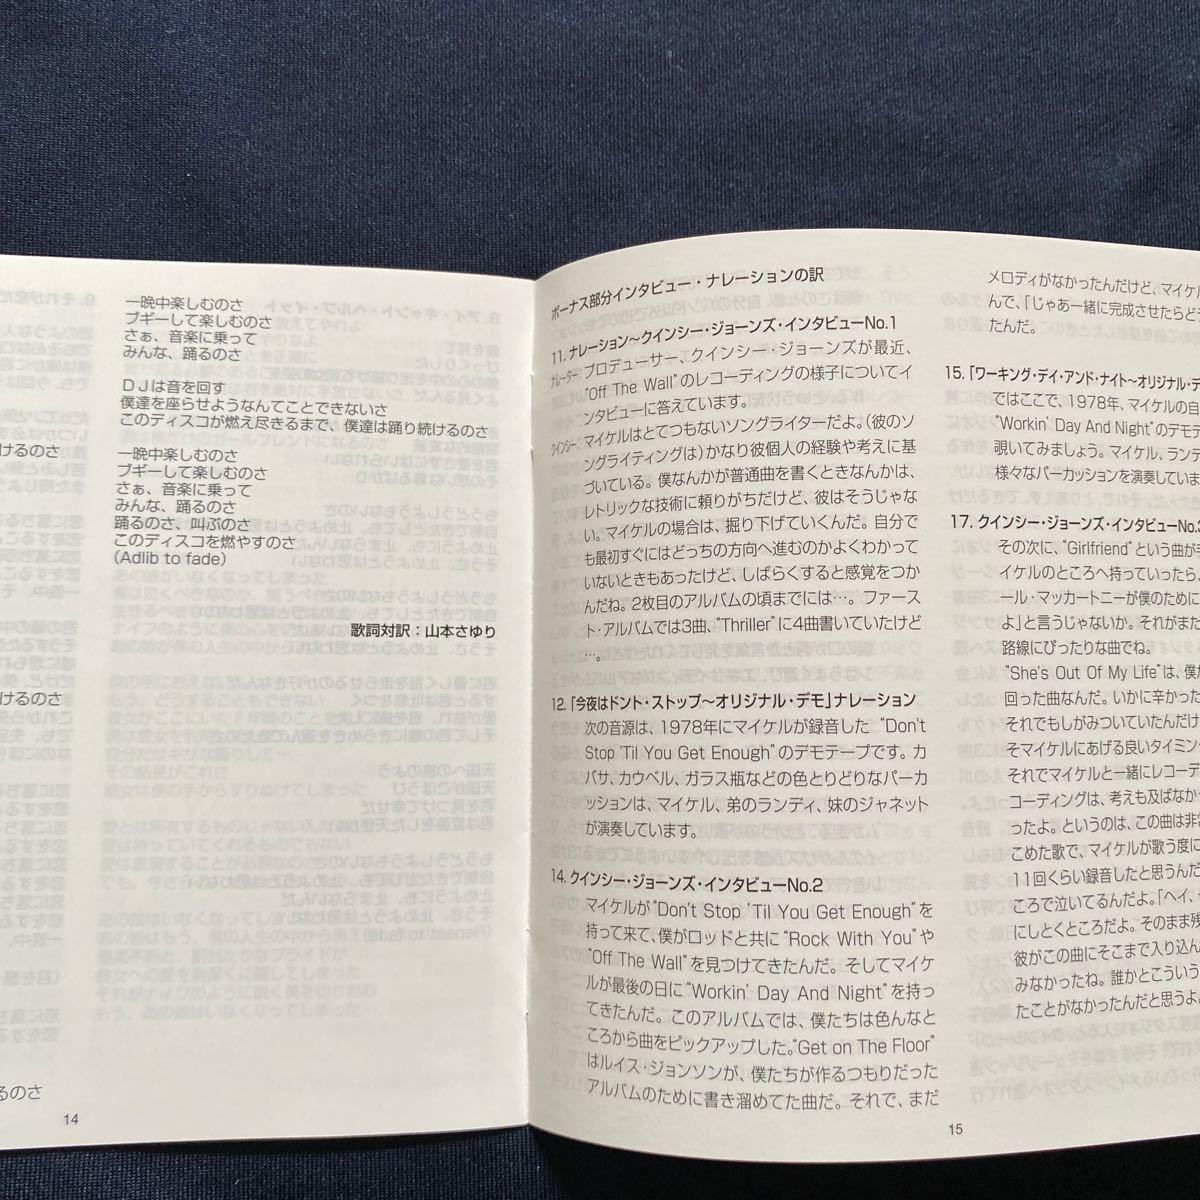 マイケル・ジャクソン/オフ・ザ・ウォール